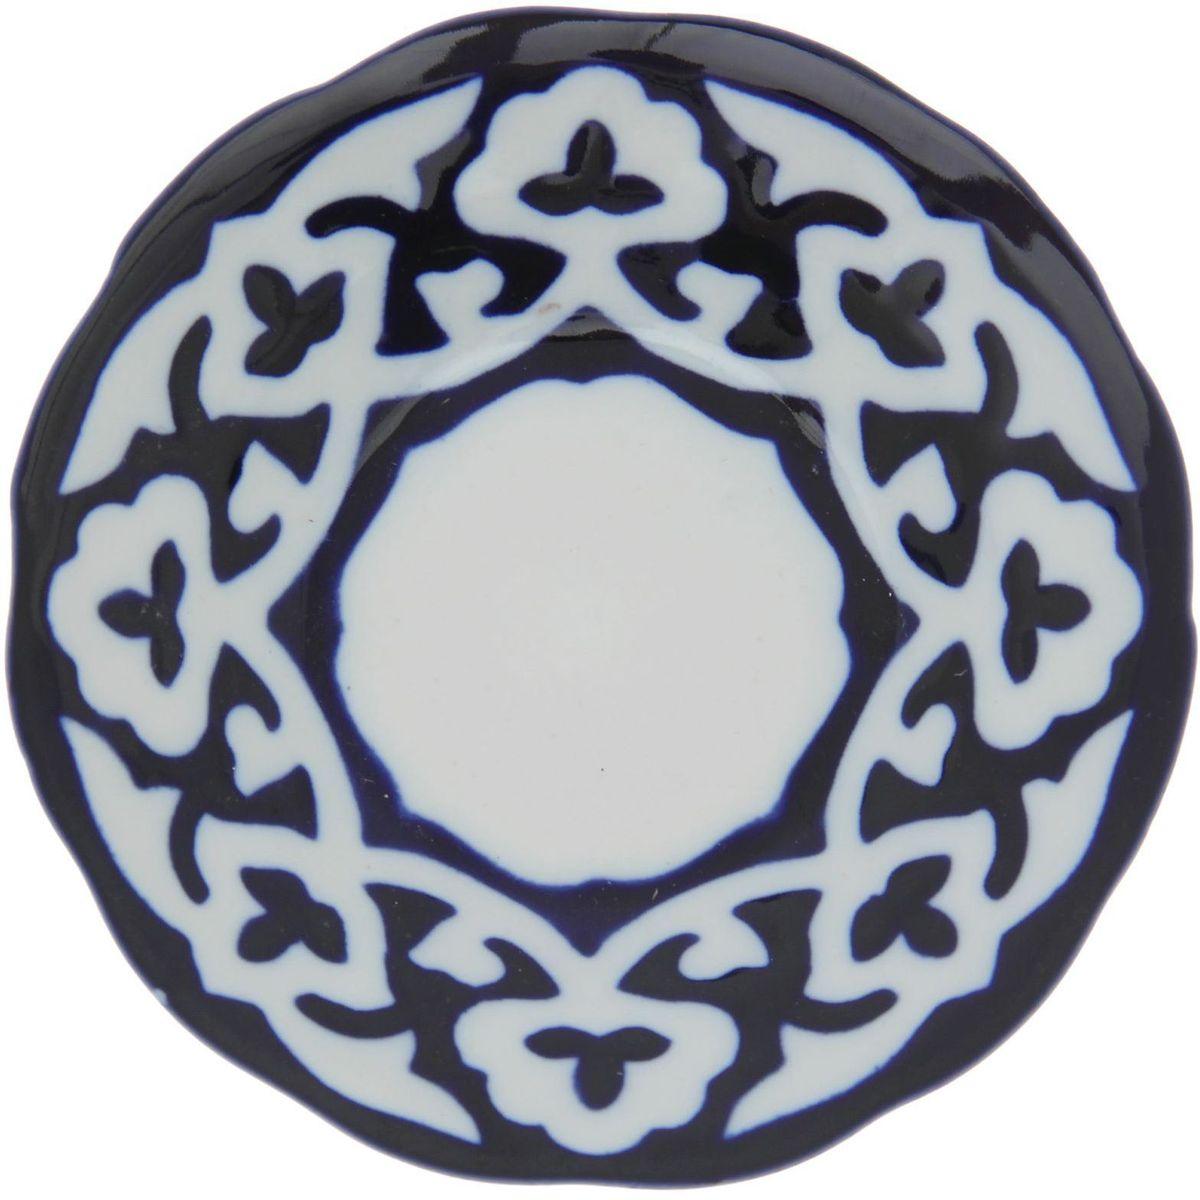 Тарелка Turon Porcelain Пахта, цвет: синий, белый, диаметр 13 см1386443Узбекская посуда известна всему миру уже более тысячи лет. Ей любовались царские особы, на ней подавали еду для шейхов и знатных персон. Формулы красок и глазури передаются из поколения в поколение. По сей день качественные расписные изделия продолжают восхищать совершенством и завораживающей красотой. Тарелка Turon Porcelain Пахта подойдет для повседневной и праздничной сервировки. Дополните стол текстилем и салфетками в тон, чтобы получить элегантное убранство с яркими акцентами. Национальная узбекская роспись Пахта сдержанна и благородна. Витиеватые узоры выводятся тонкой кистью, а фон заливается кобальтом. Синий краситель при обжиге слегка растекается и придает контуру изображений голубой оттенок. Густая глазурь наносится толстым слоем, благодаря чему рисунок мерцает.